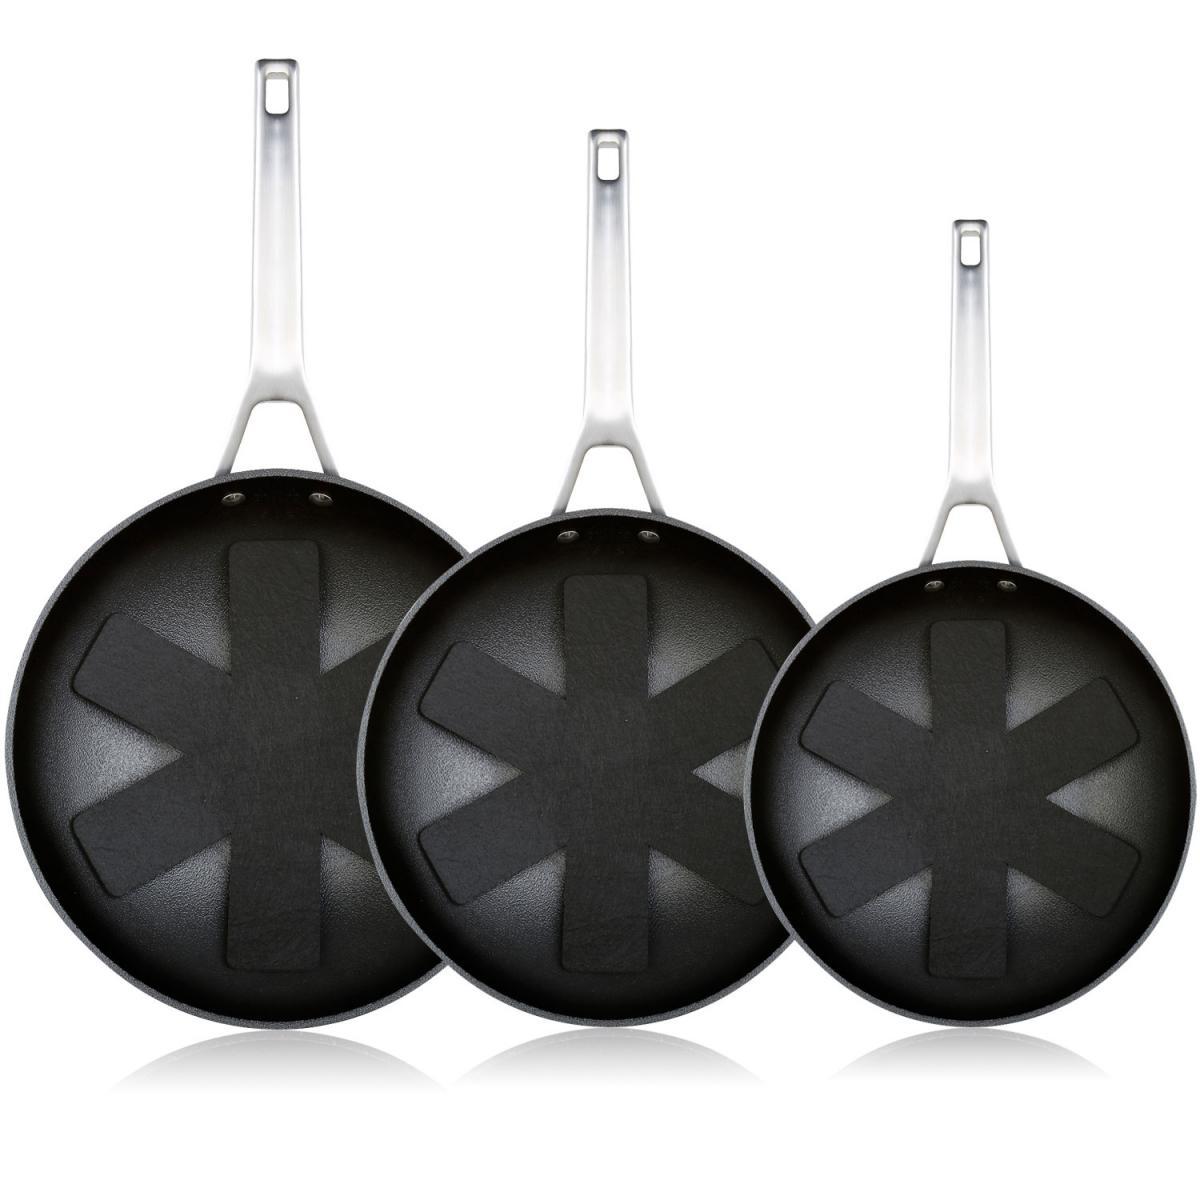 Icook Lot de 3 casseroles 20-24-28cm Aluminium forgé induction Titane antiadhésif Wecook Ecosteel